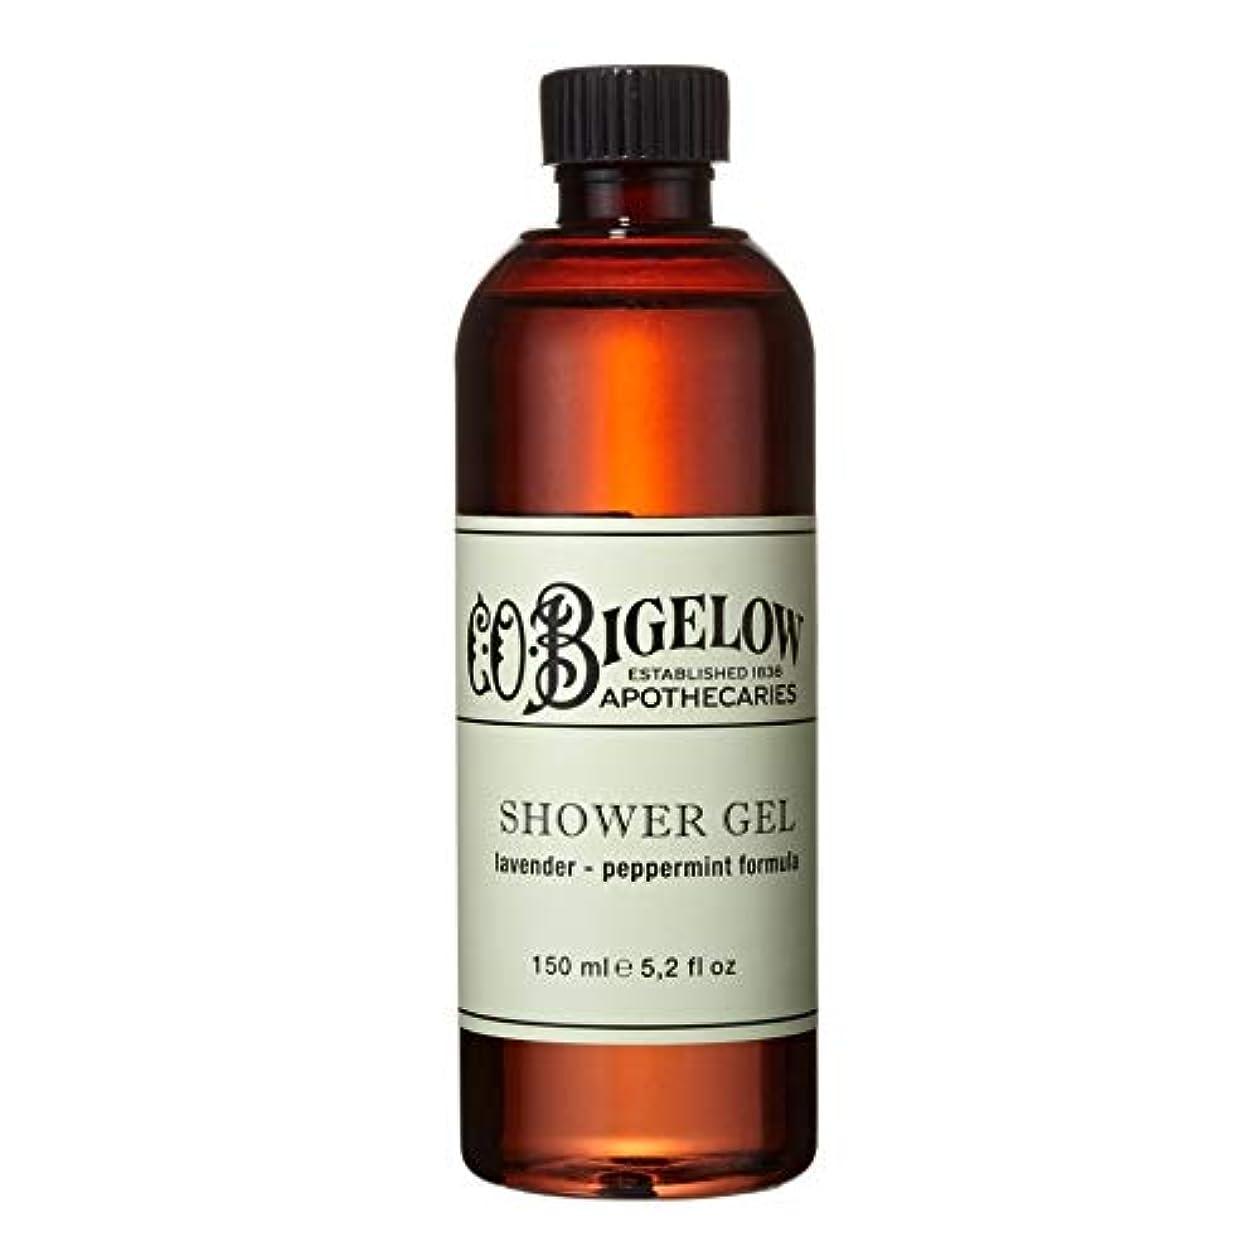 冷酷なスクラッチ少し[C.O. Bigelow] C.O.ビゲローラベンダー、ペパーミントシャワージェル150Ml - C.O. Bigelow Lavender and Peppermint Shower Gel 150ml [並行輸入品]